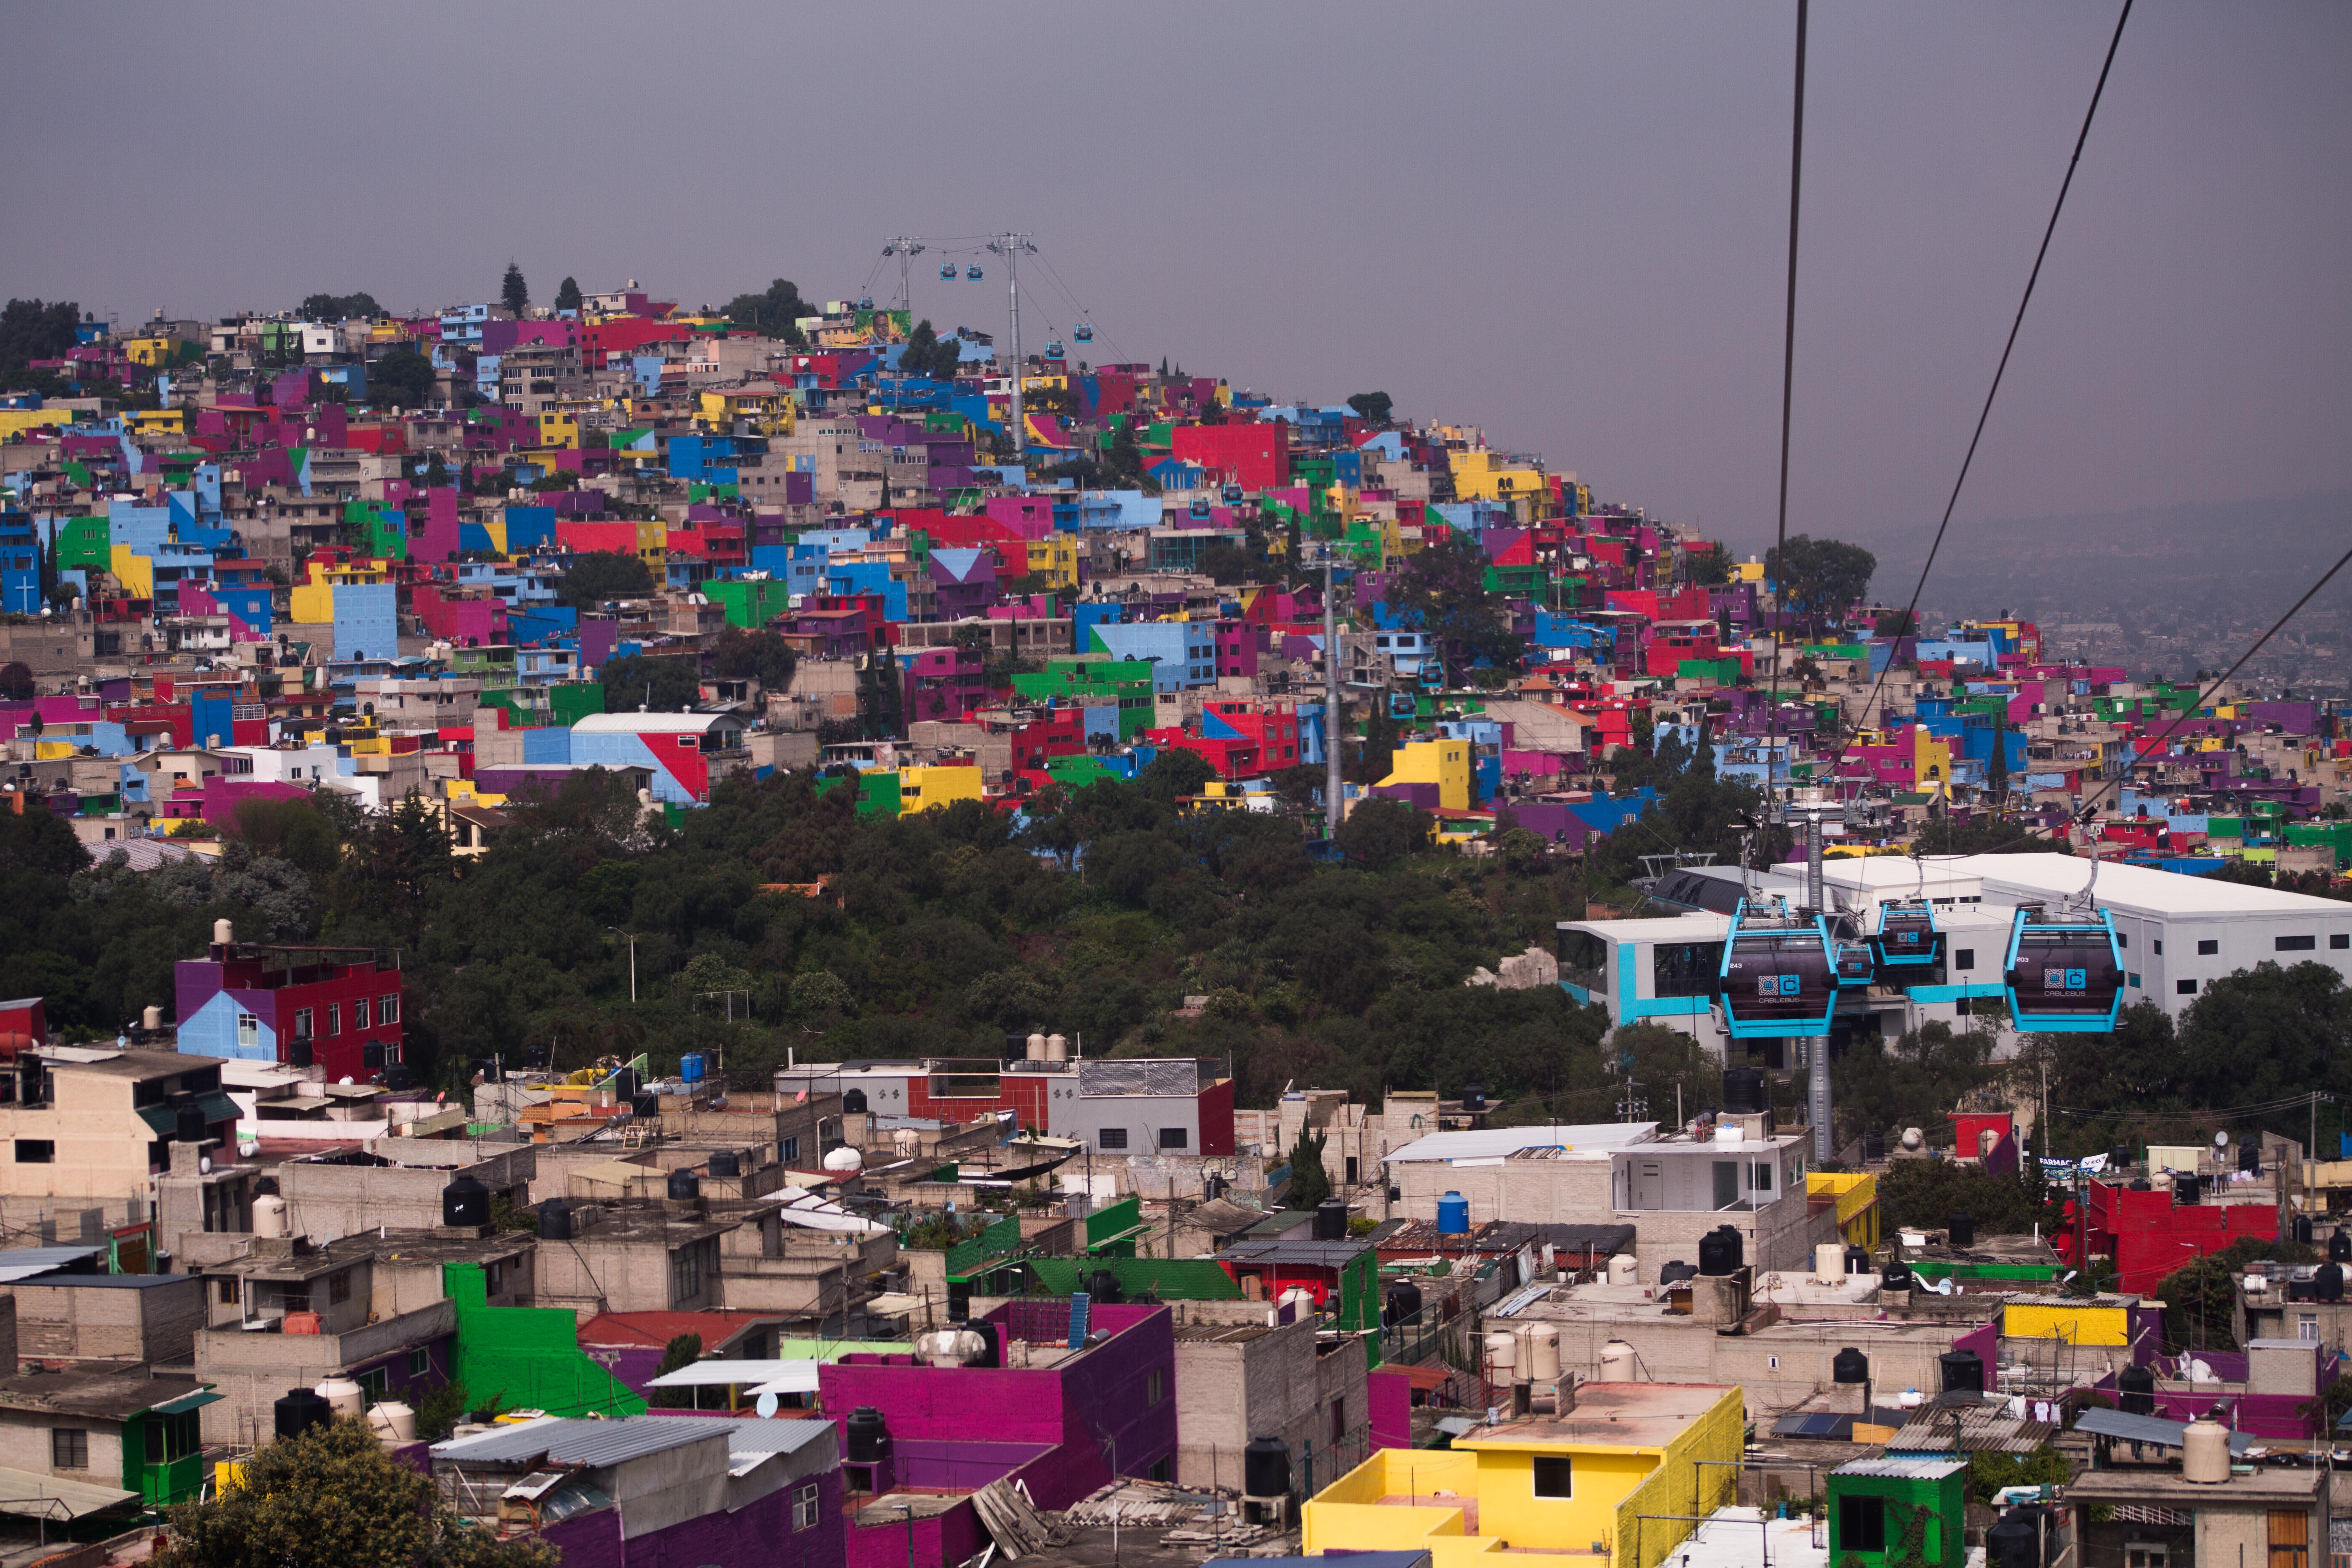 Ciudad de México: Iztapalapa cambia el rostro